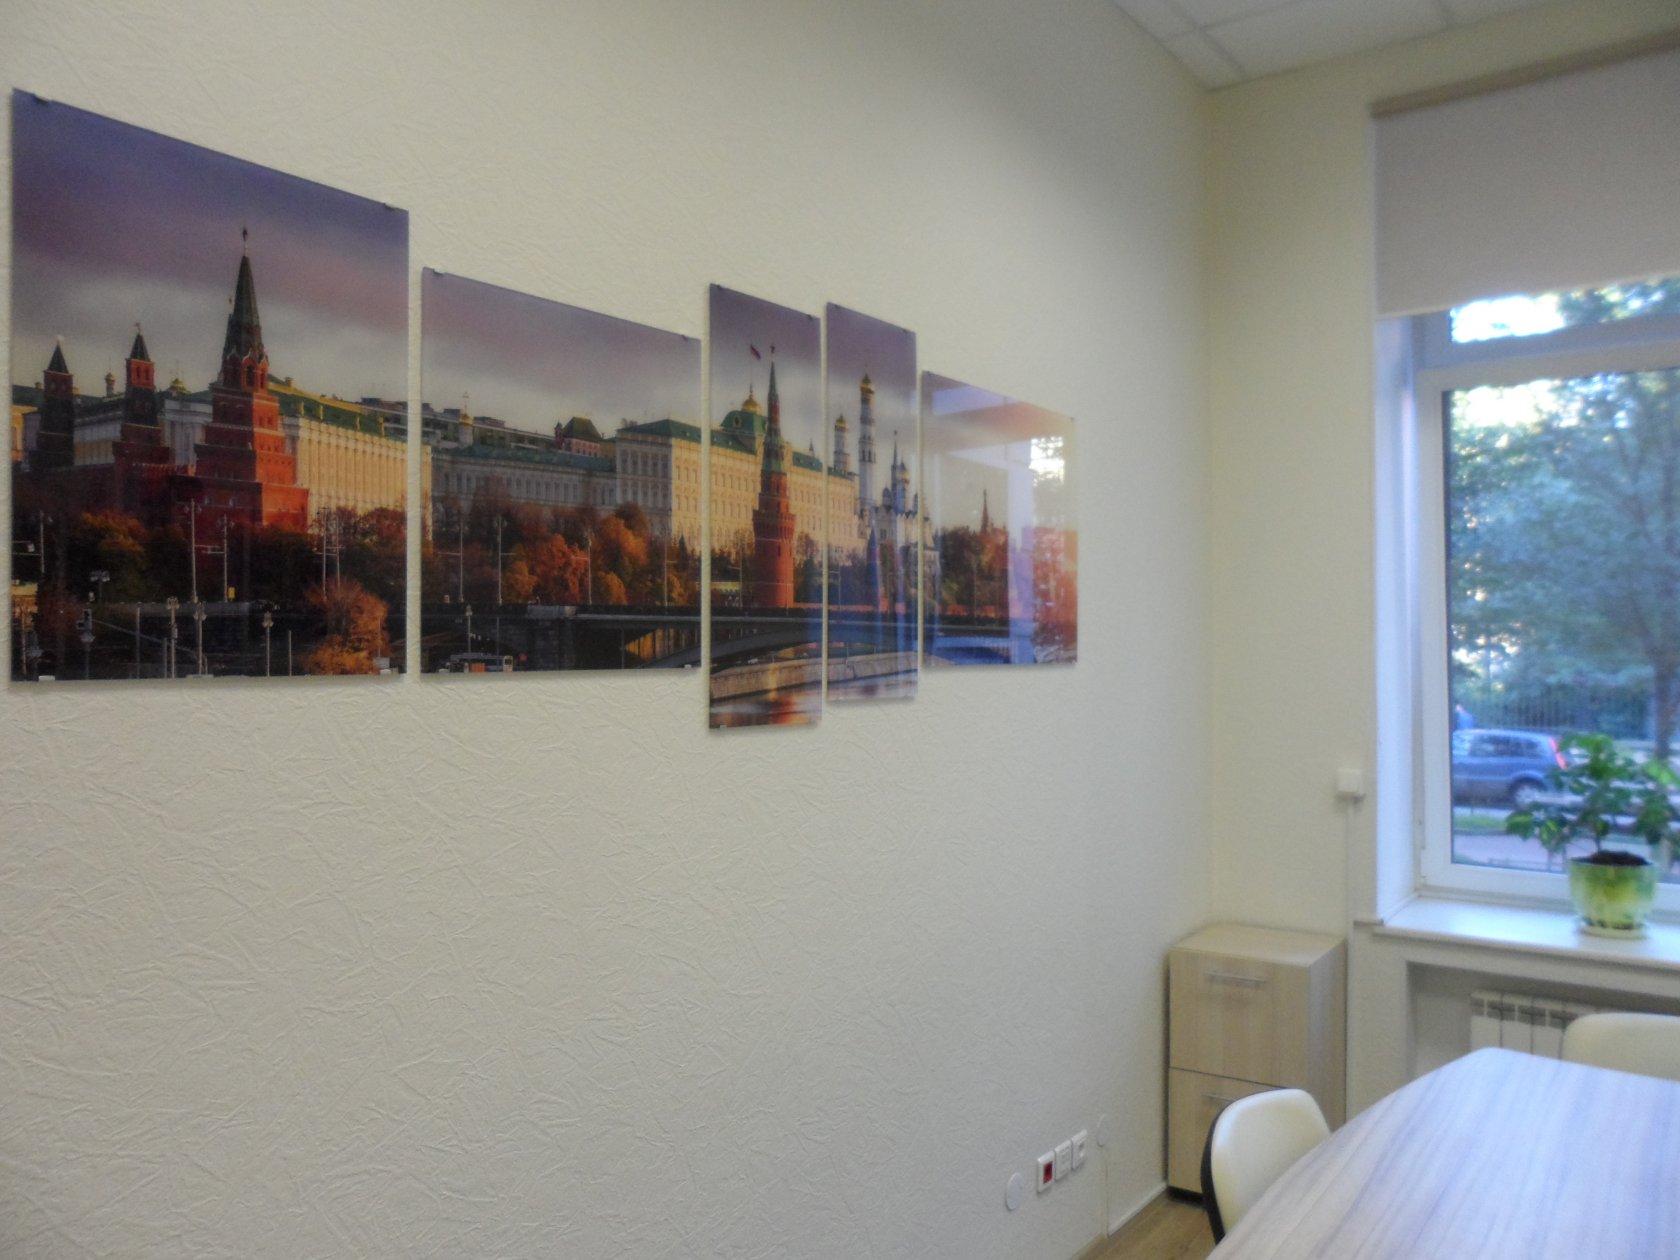 постеры в кабинет руководителя на стену объявления аренде квартир